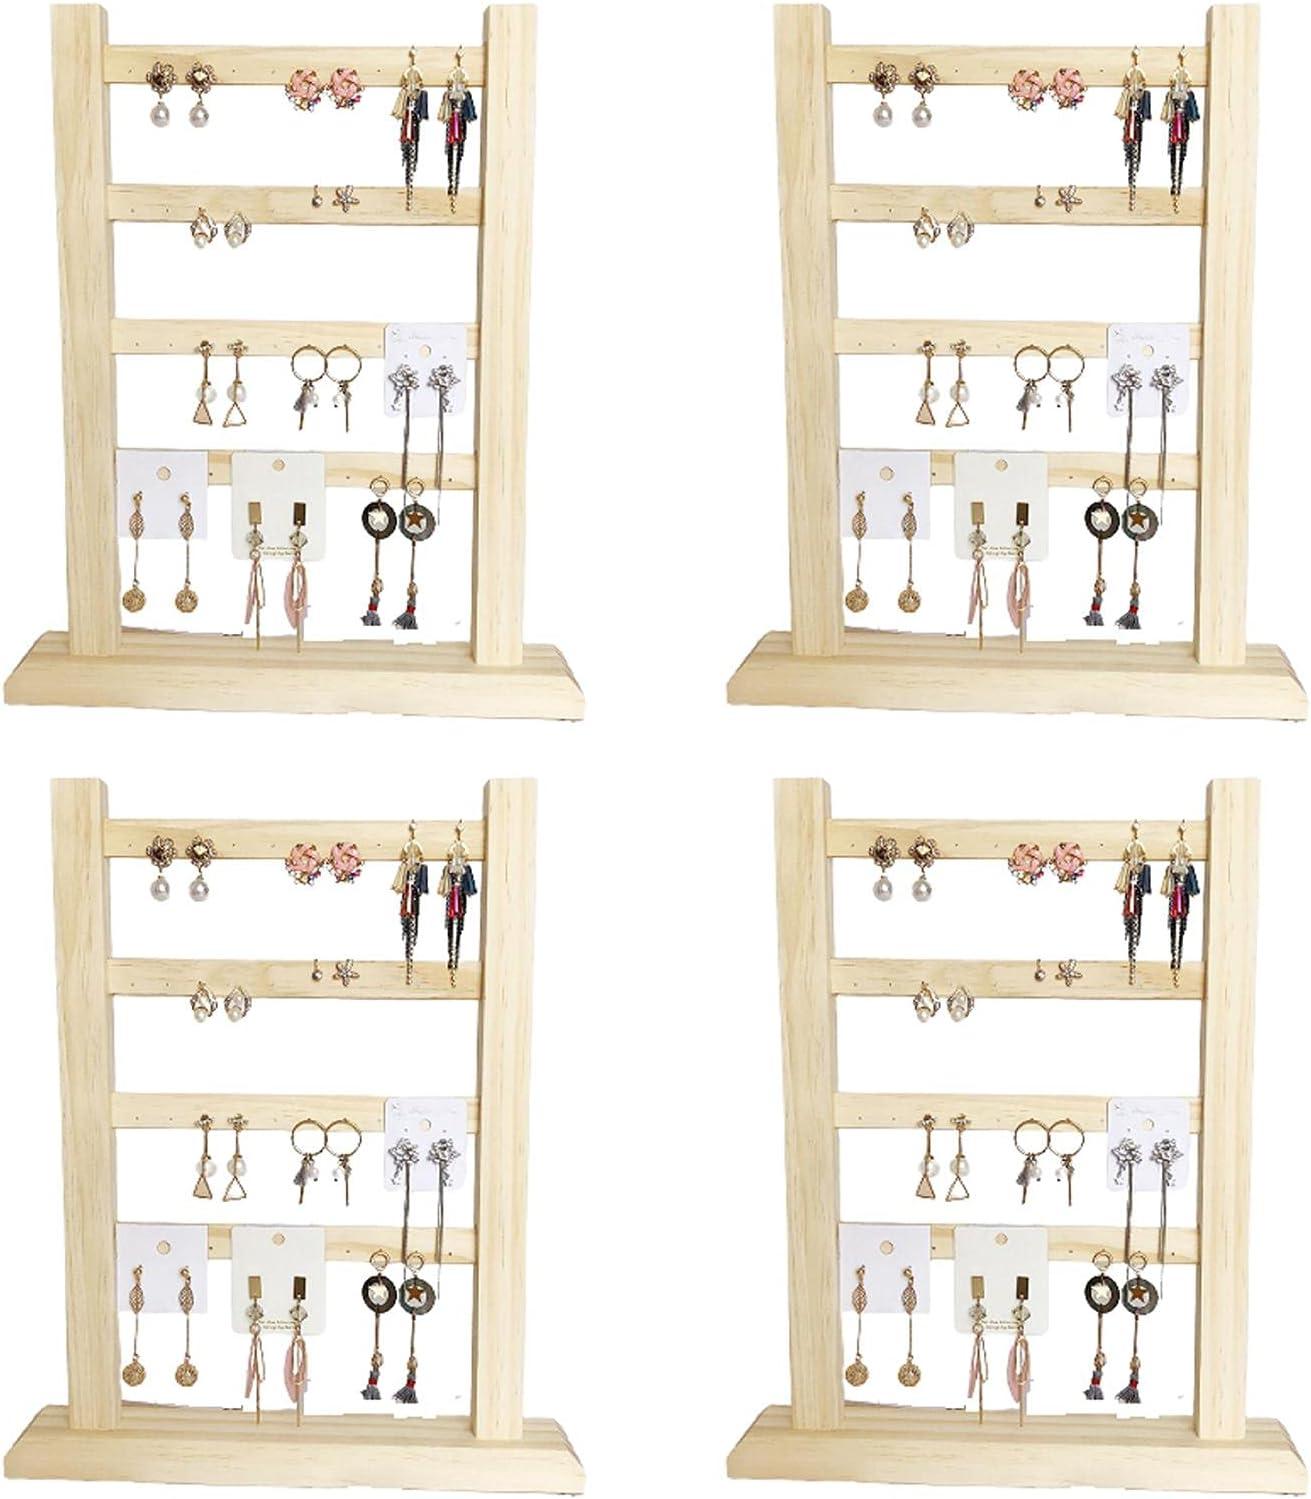 Honton 4 soportes para aretes, soporte para pendientes, soporte para joyas, organizador de pendientes con base de madera para pendientes, pendientes